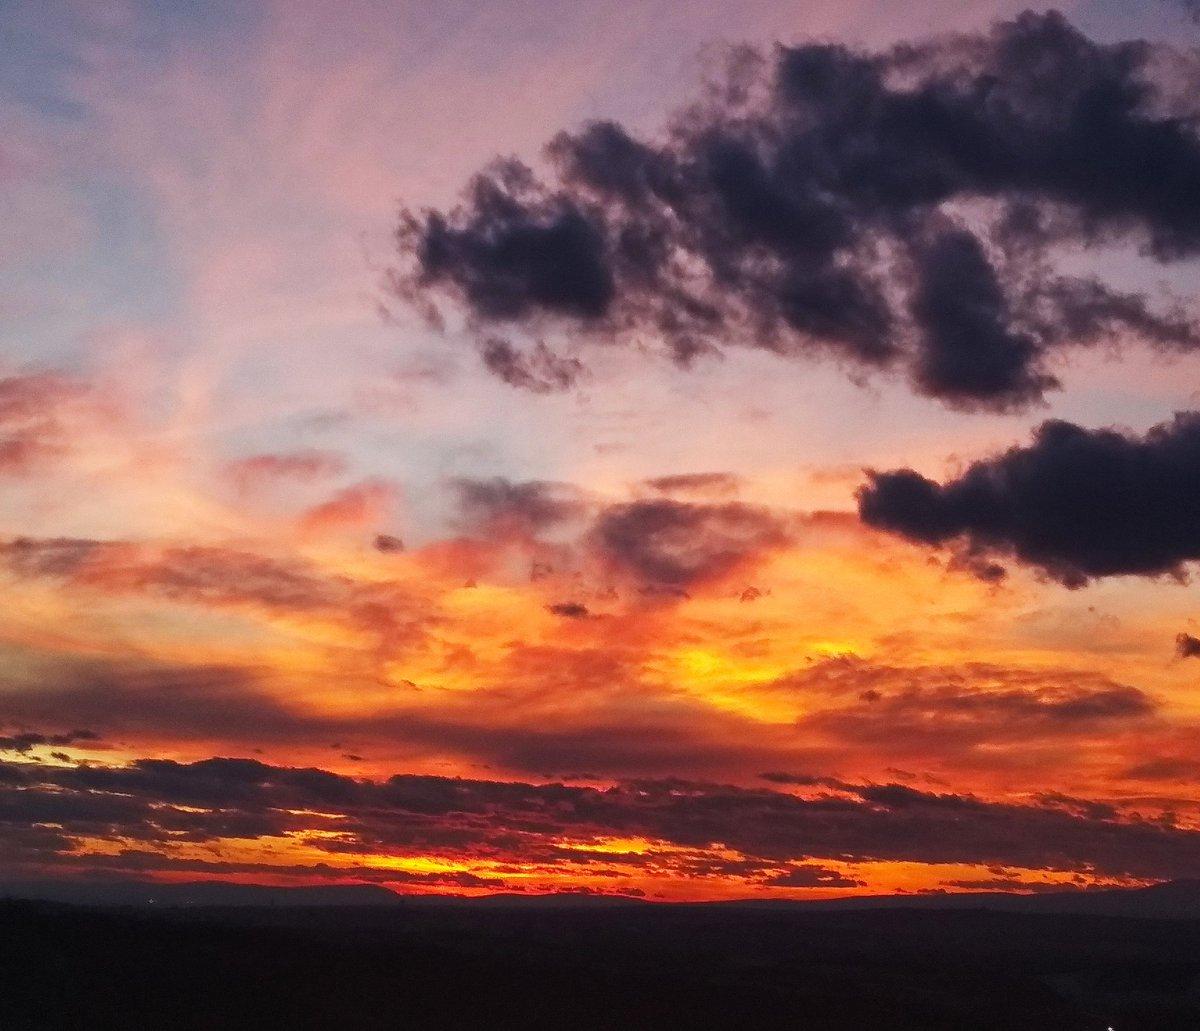 Burning sky 🔥 #Hungary #sunset #FEBRUARY #sky #skycolors #nature #NaturePhotography